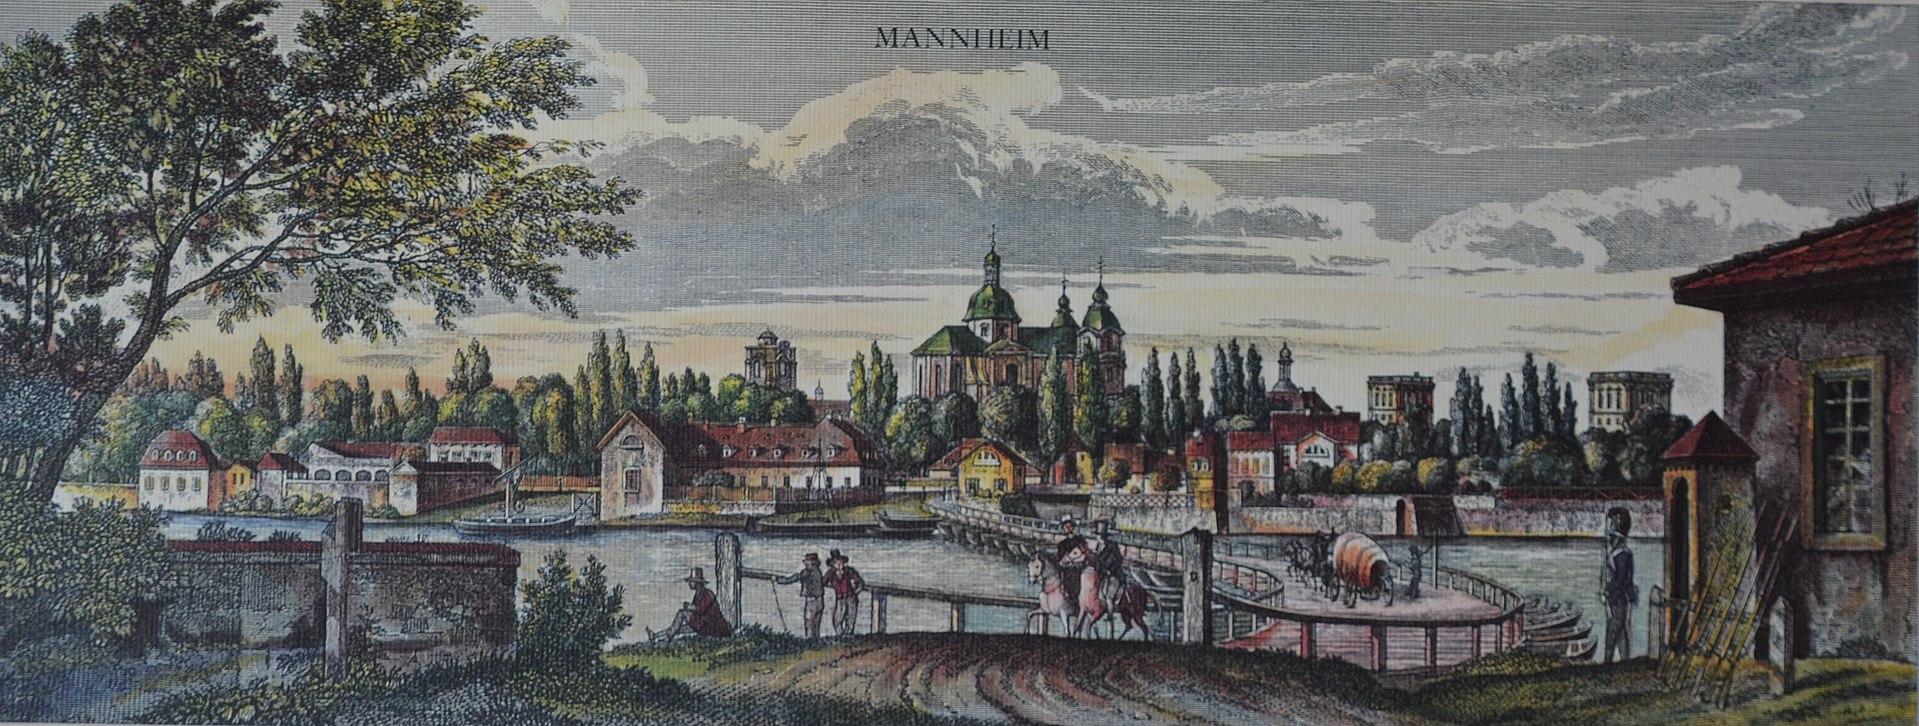 Мангейм, XIX век. Здесь видно состояние дорог в самом городе и можно легко представить, какими они были за пределами городской черты